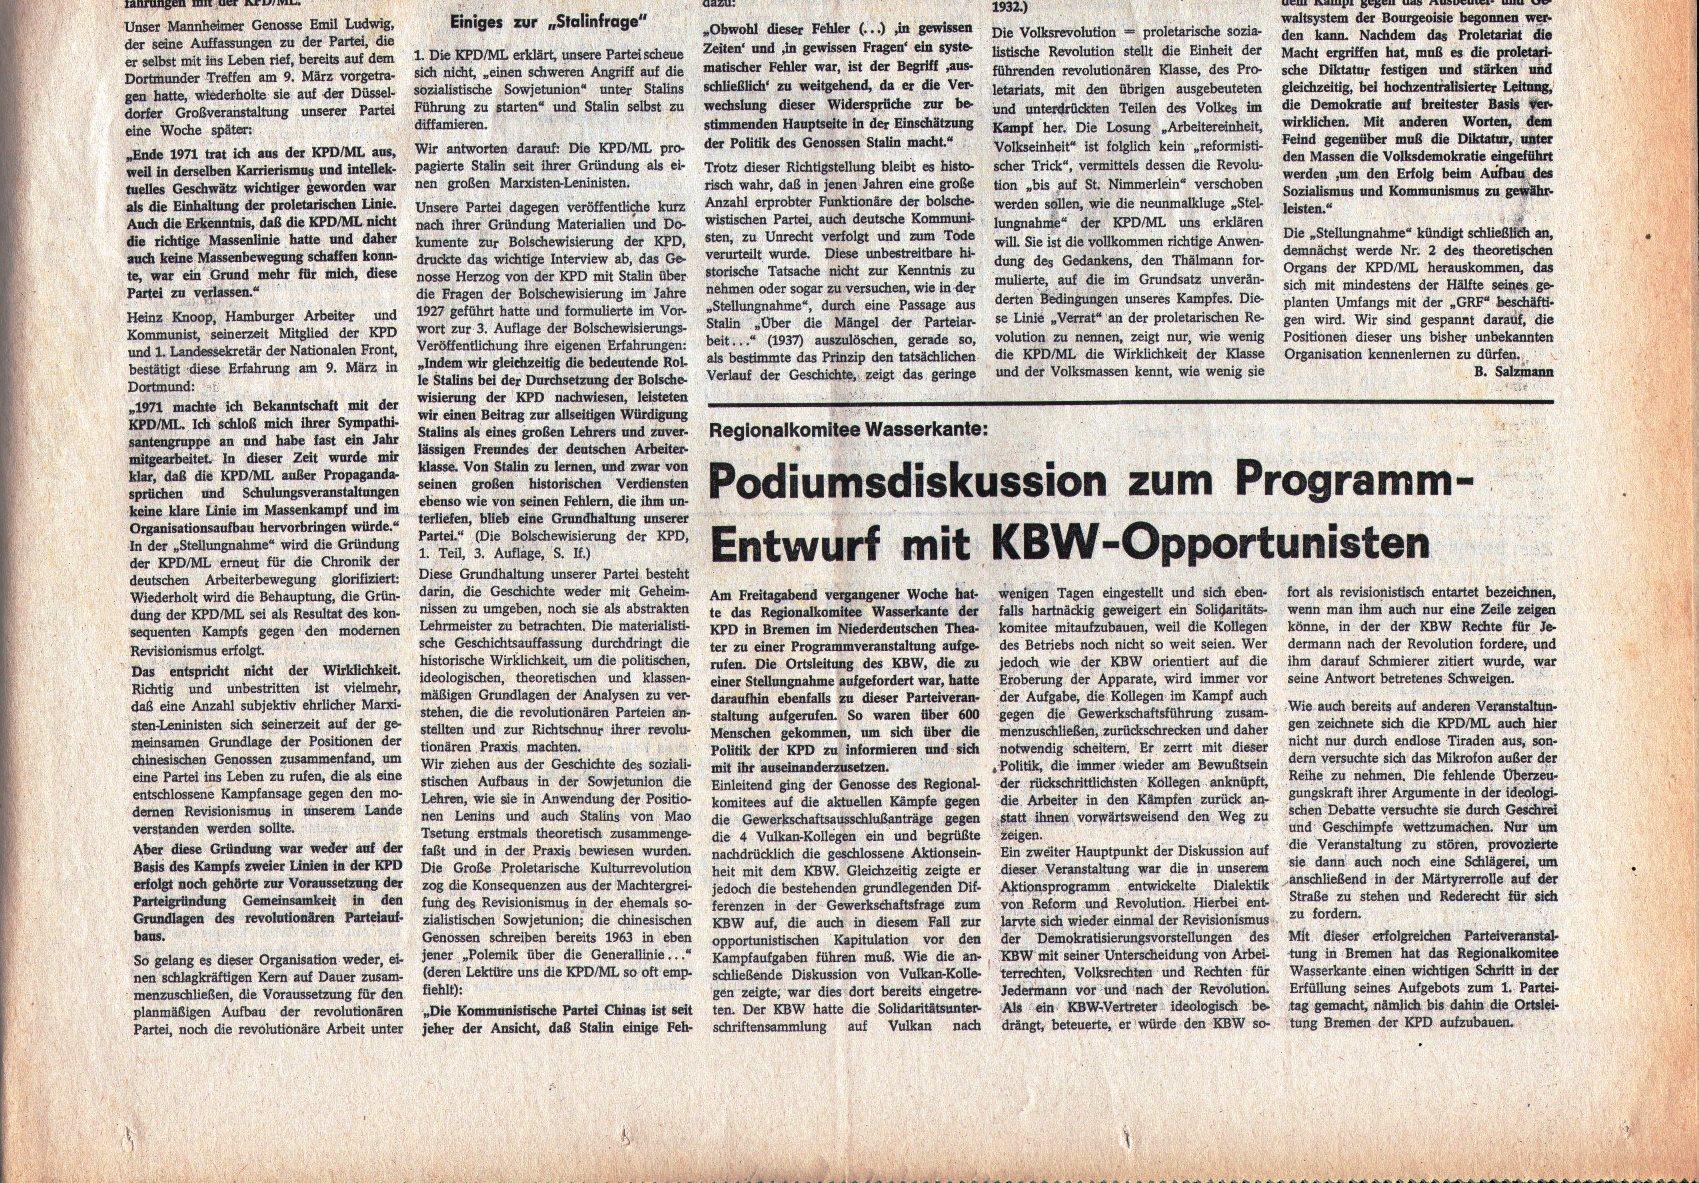 KPD_Rote_Fahne_1974_23_14